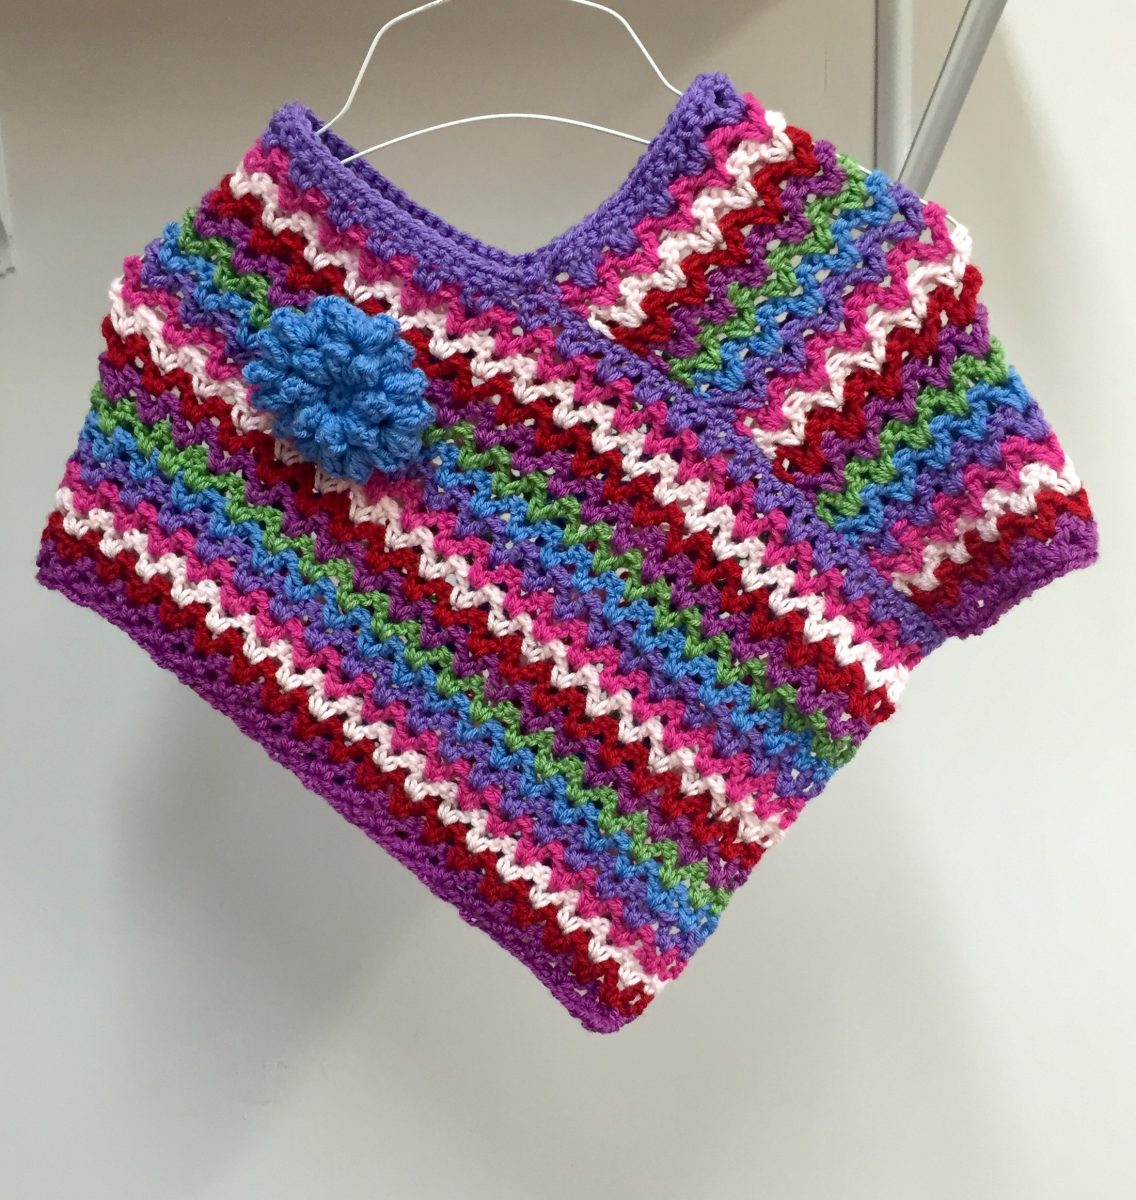 Rainbow Poncho crochet pattern by Little Monkeys Designs